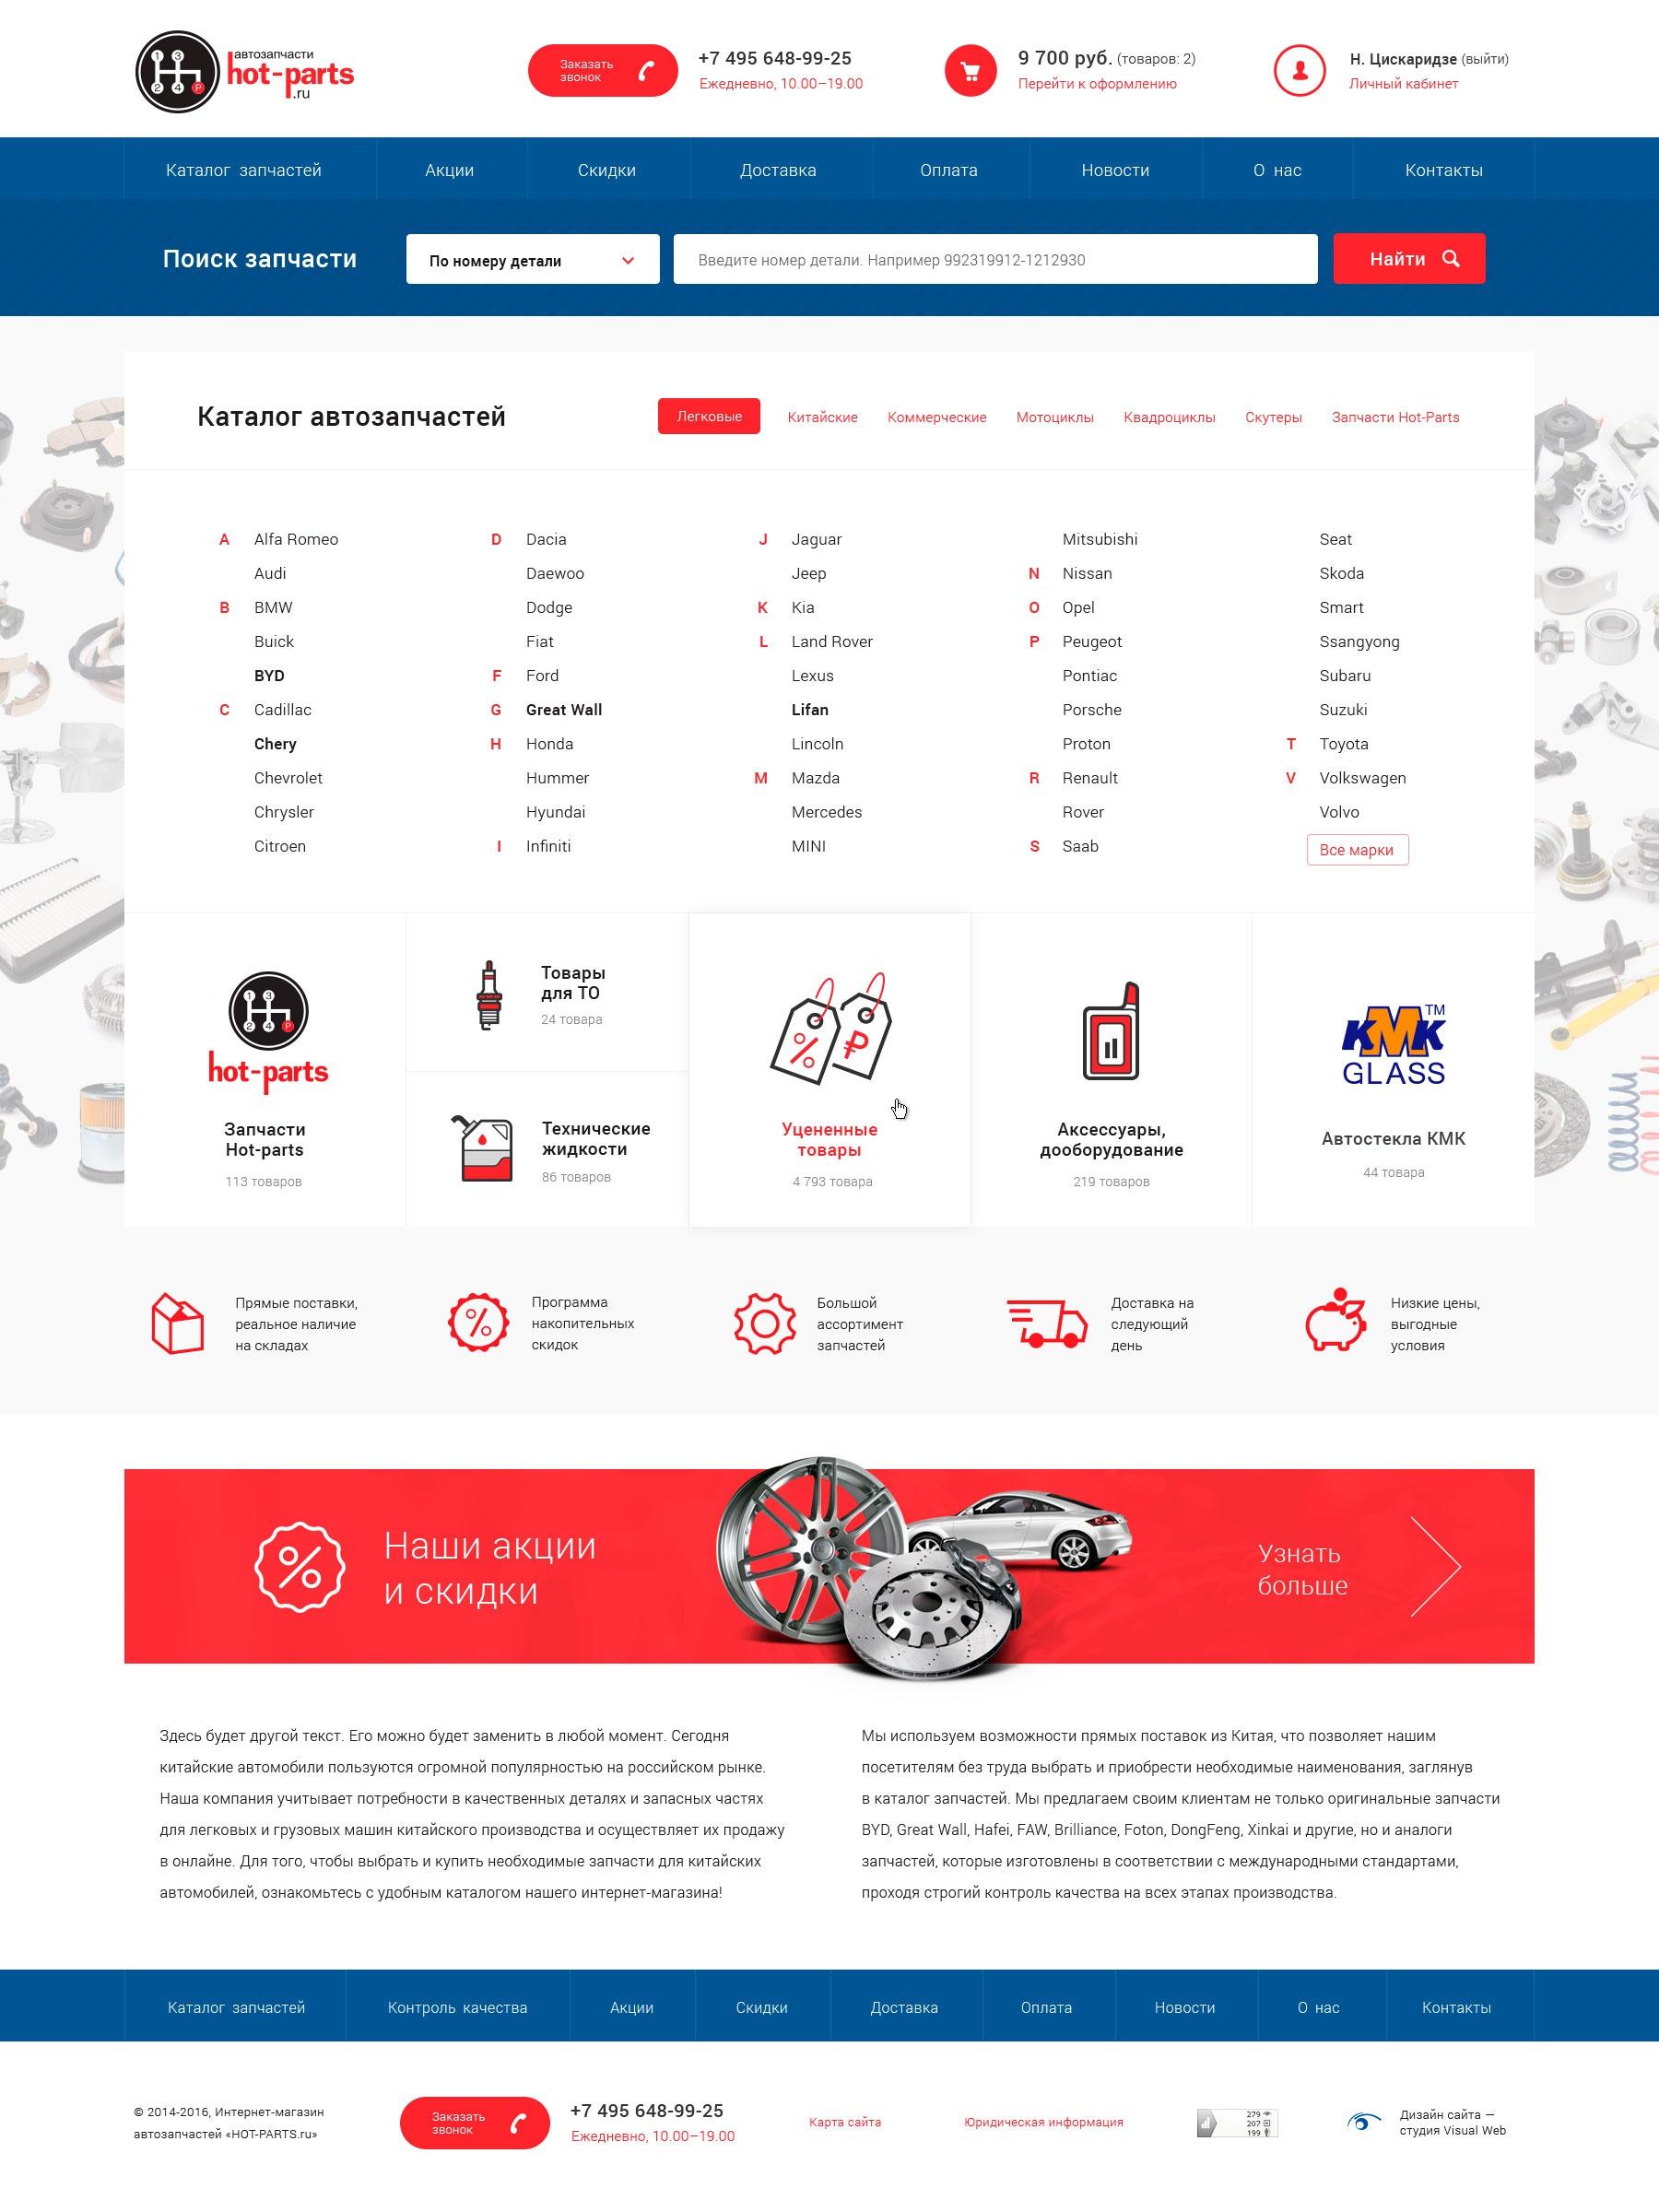 Создание интернет-магазина Hot-parts